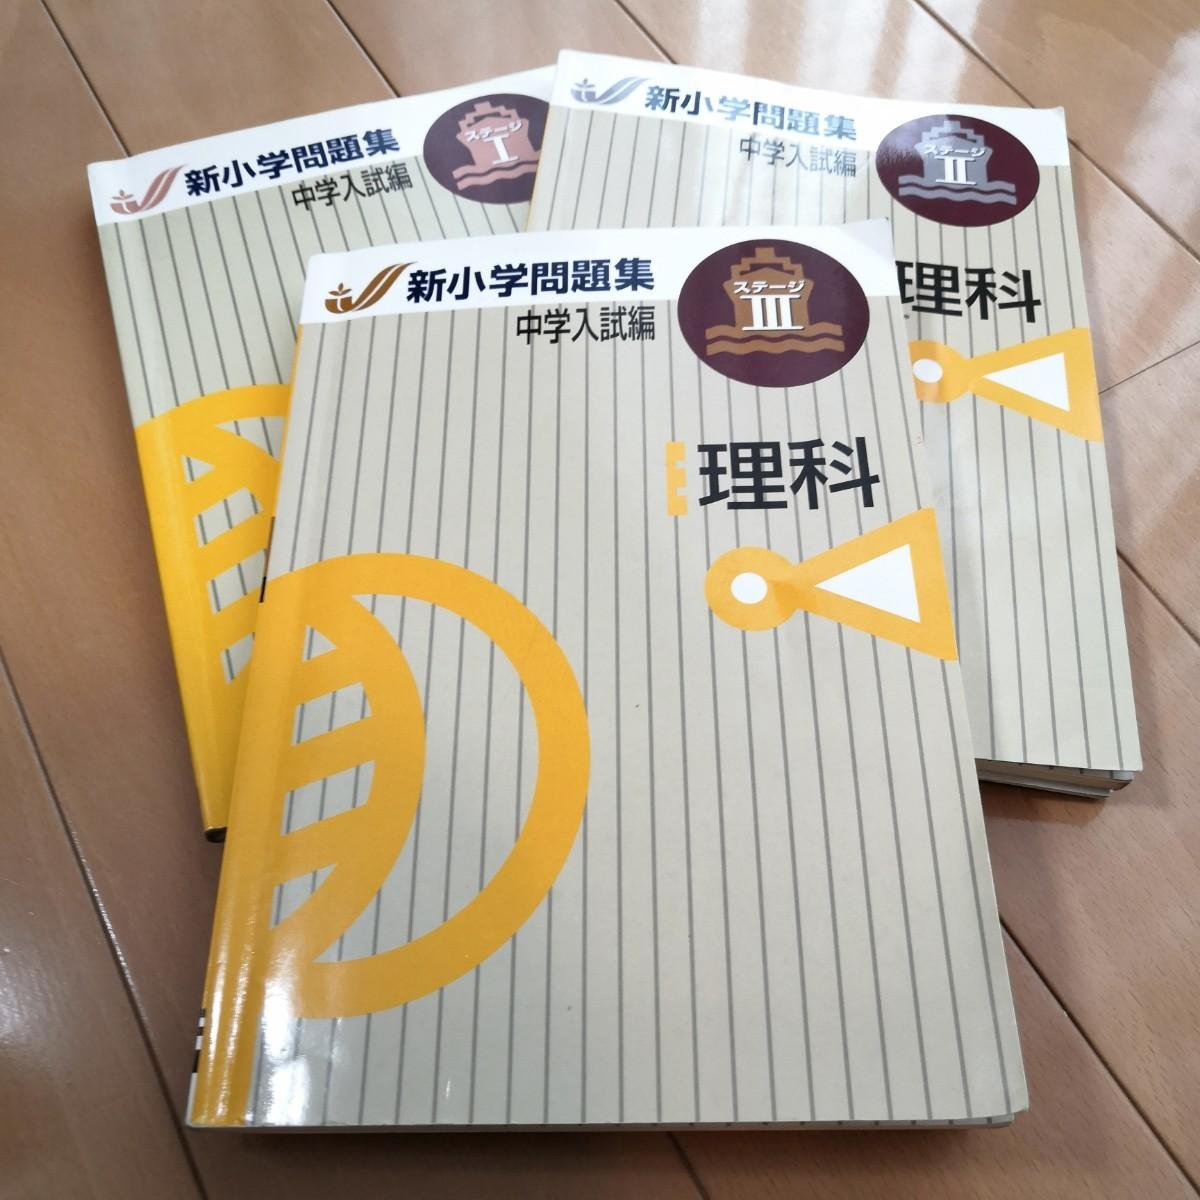 馬渕教室 中学受験コース 理科 新小学問題集 3冊セット